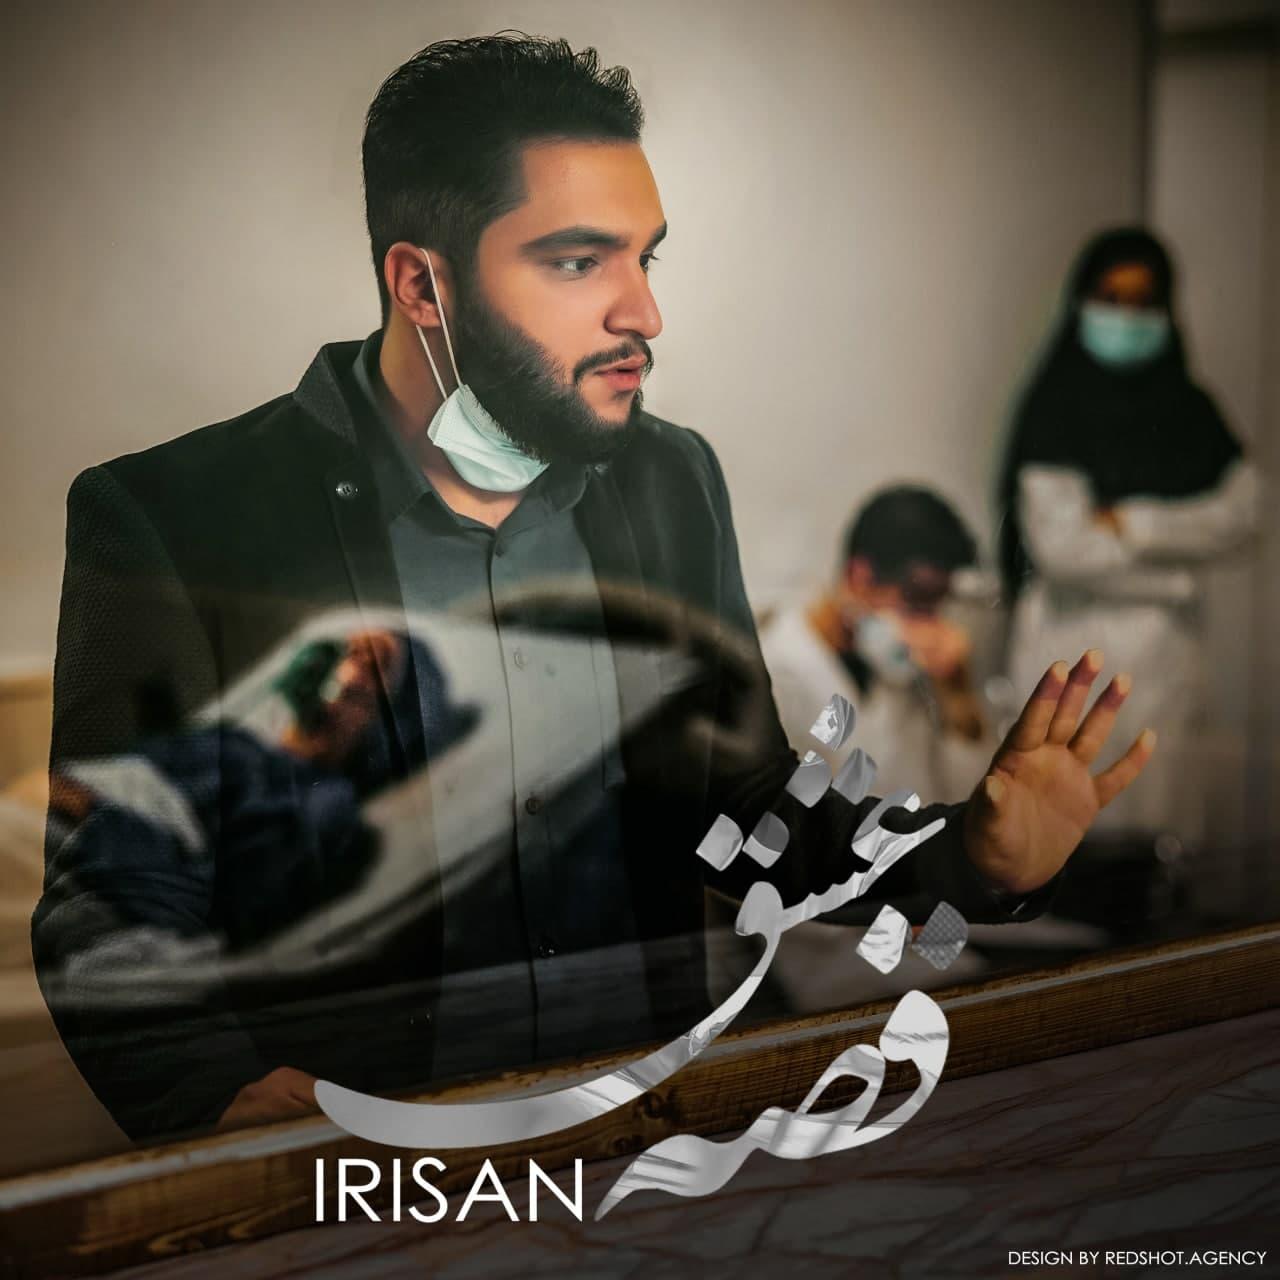 دانلود موزیک جدید قصه عشق از ایریسان